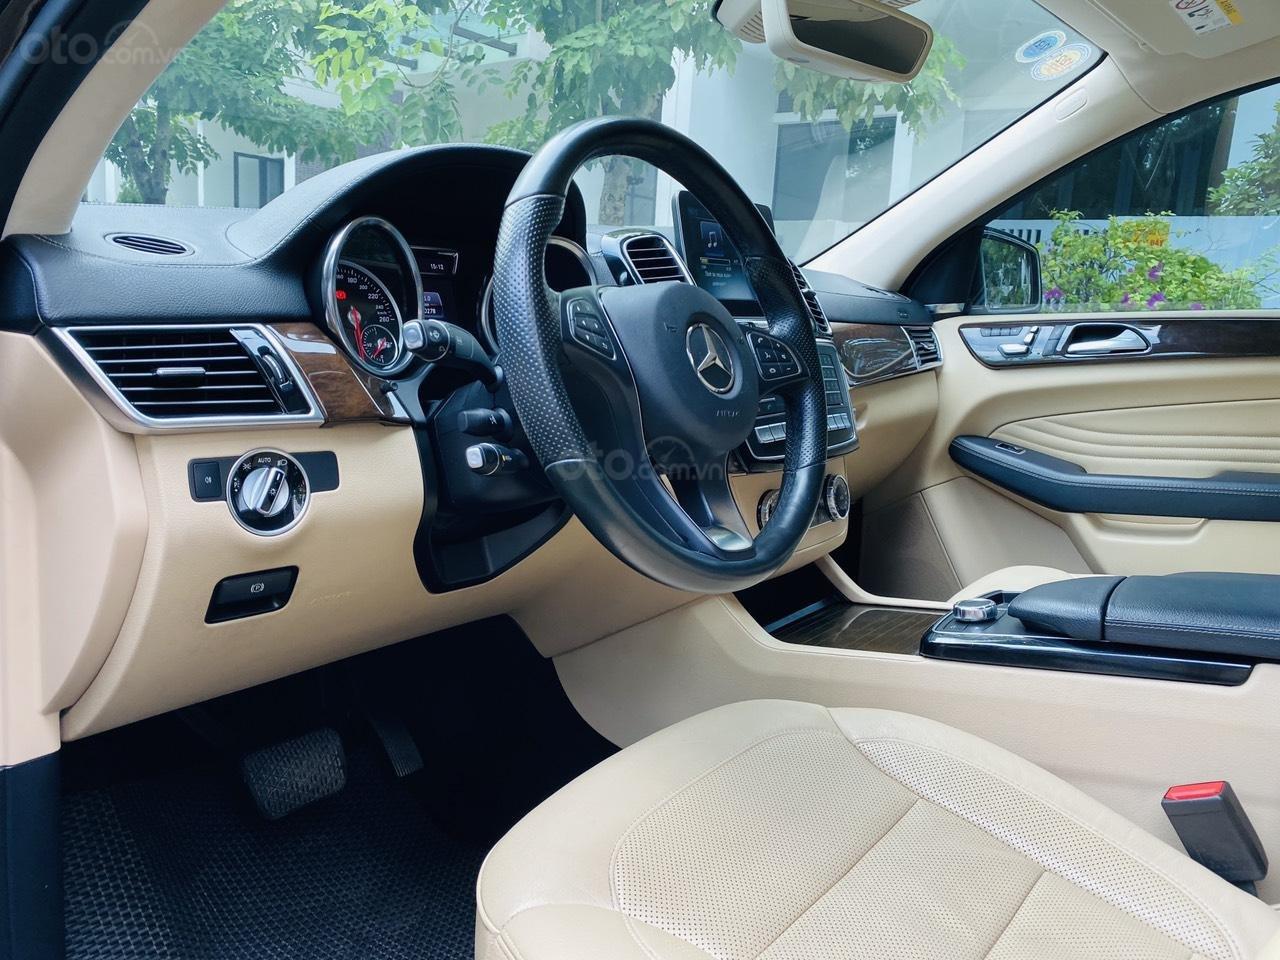 Bán ô tô Mercedes GLE Couple sản xuất 2016 nhập khẩu (7)